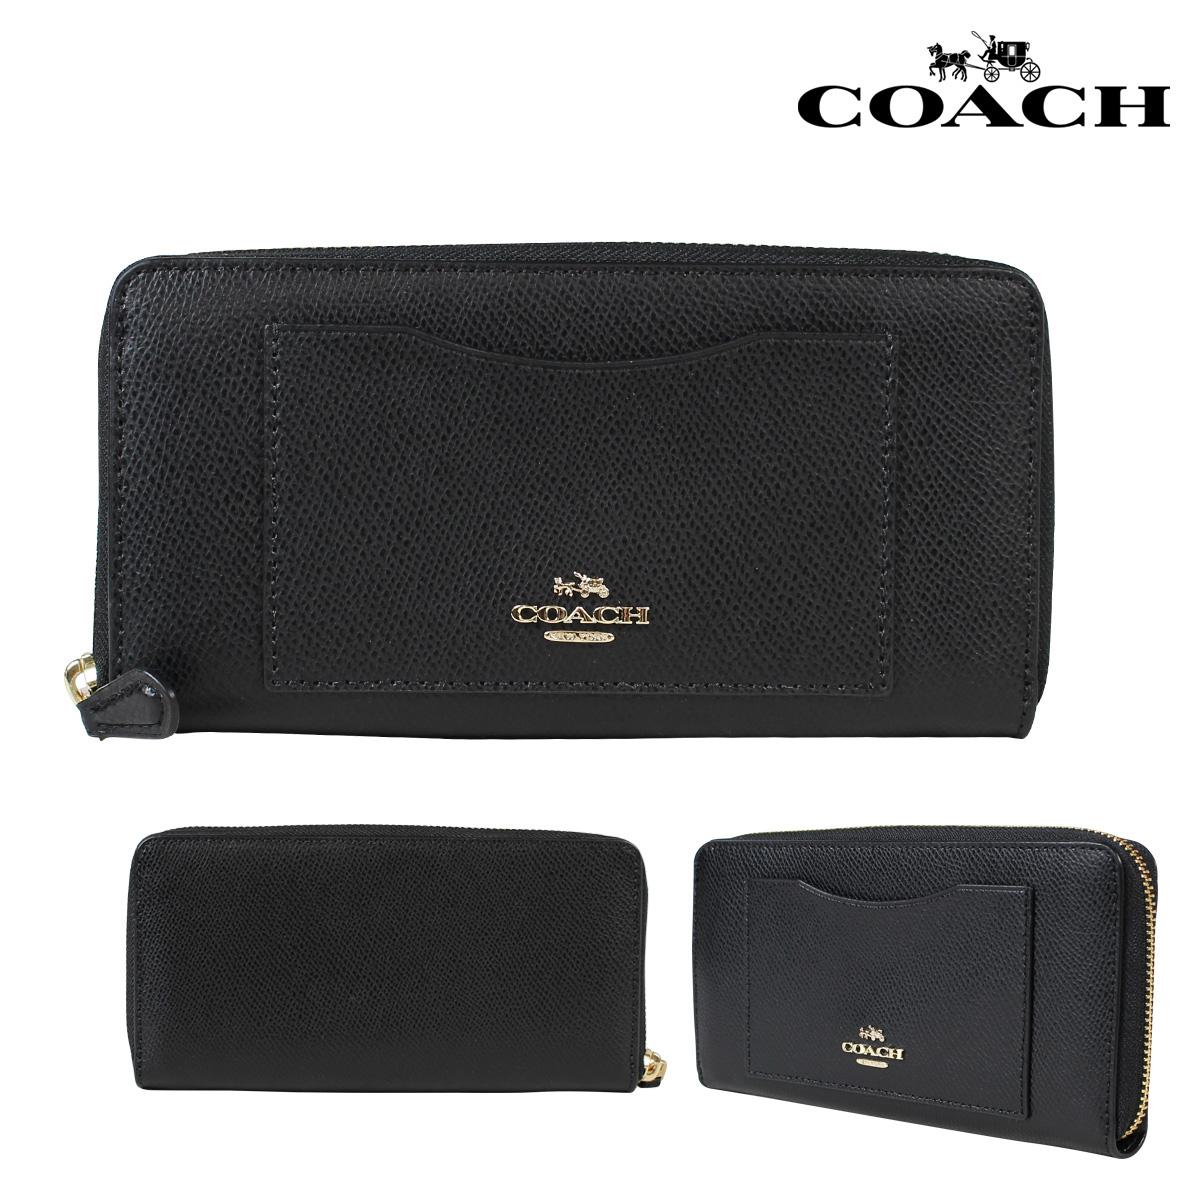 COACH コーチ 財布 長財布 レディース F54007 ブラック 黒